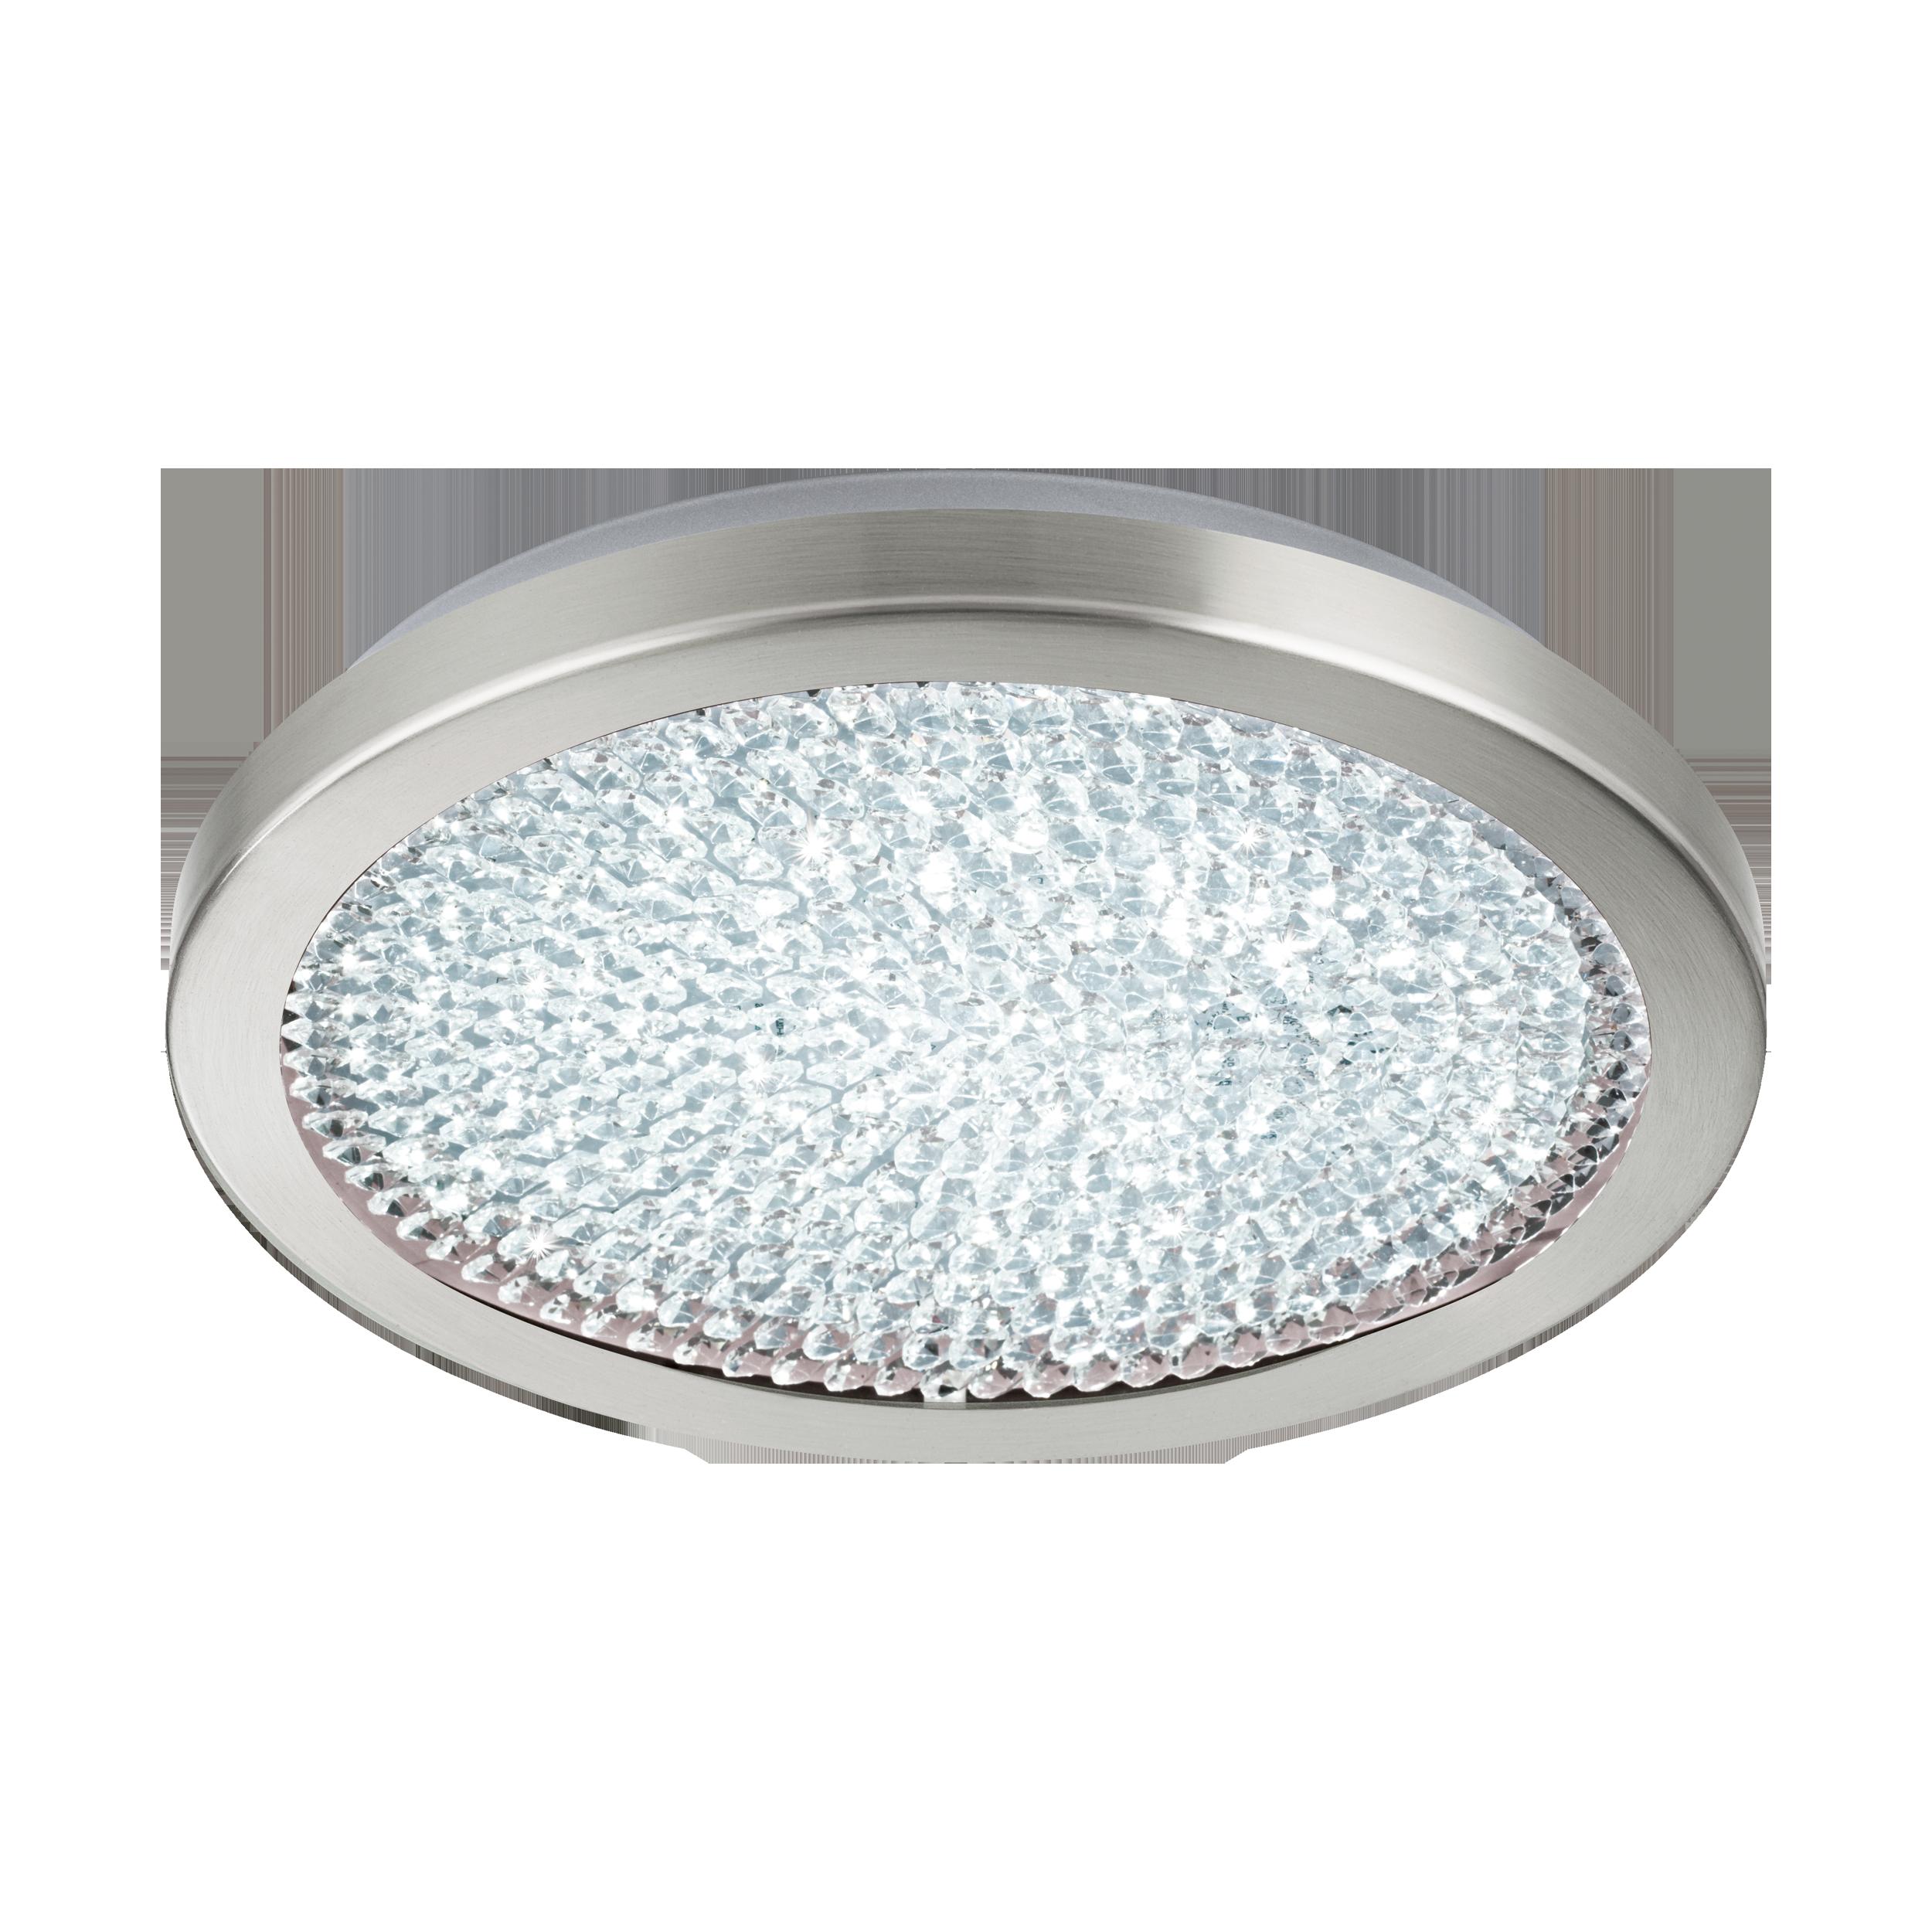 Потолочный светодиодный светильник Eglo Arezzo 2 32047, LED 17,92W 4000K 2300lm, никель, металл, металл со стеклом/хрусталем, стекло, хрусталь - фото 1